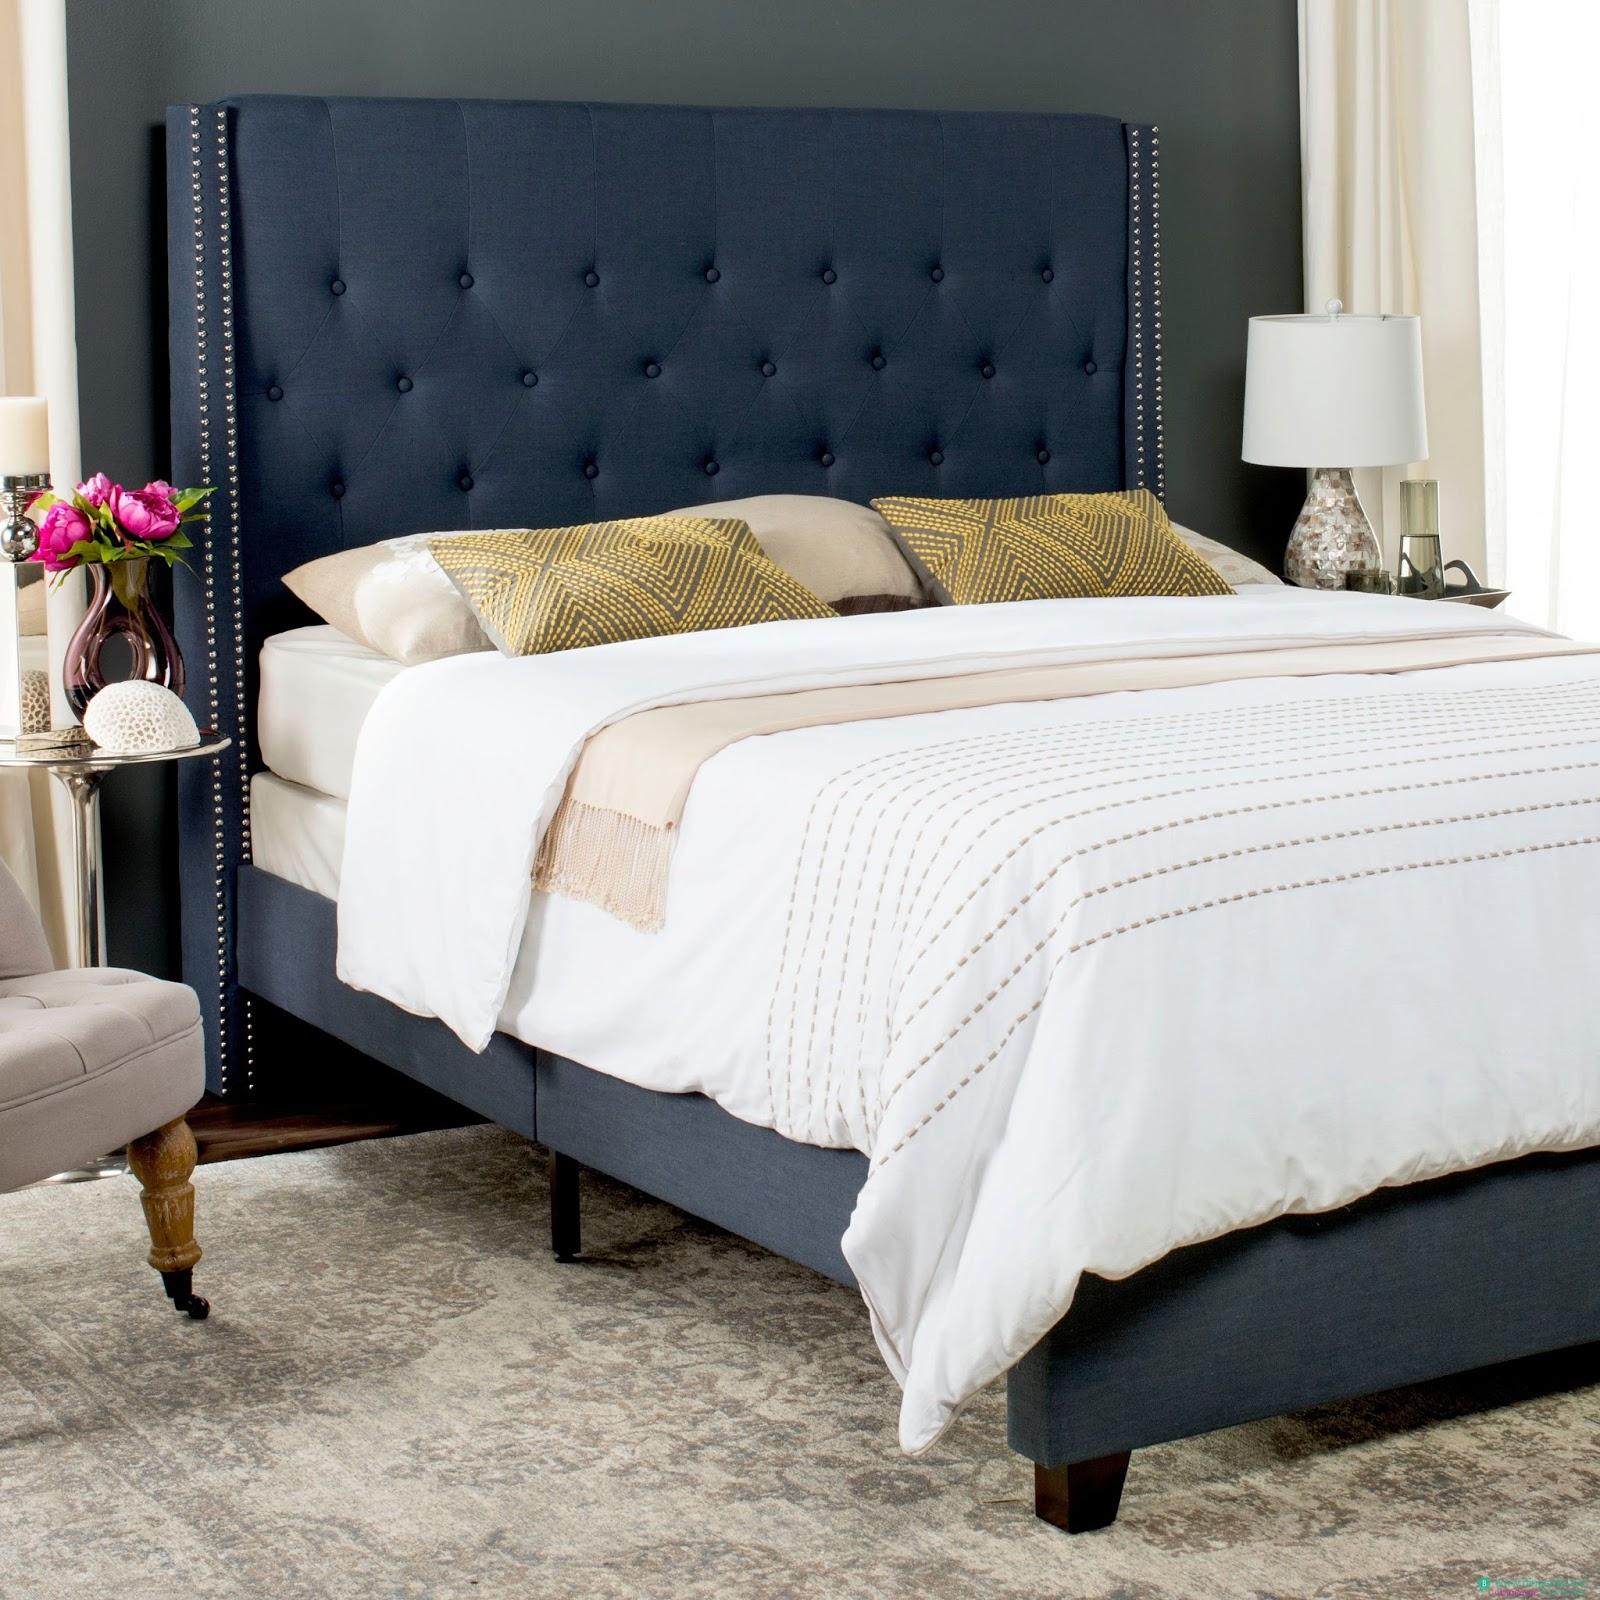 Giường ngủ bọc nệm hiện đại gia đình